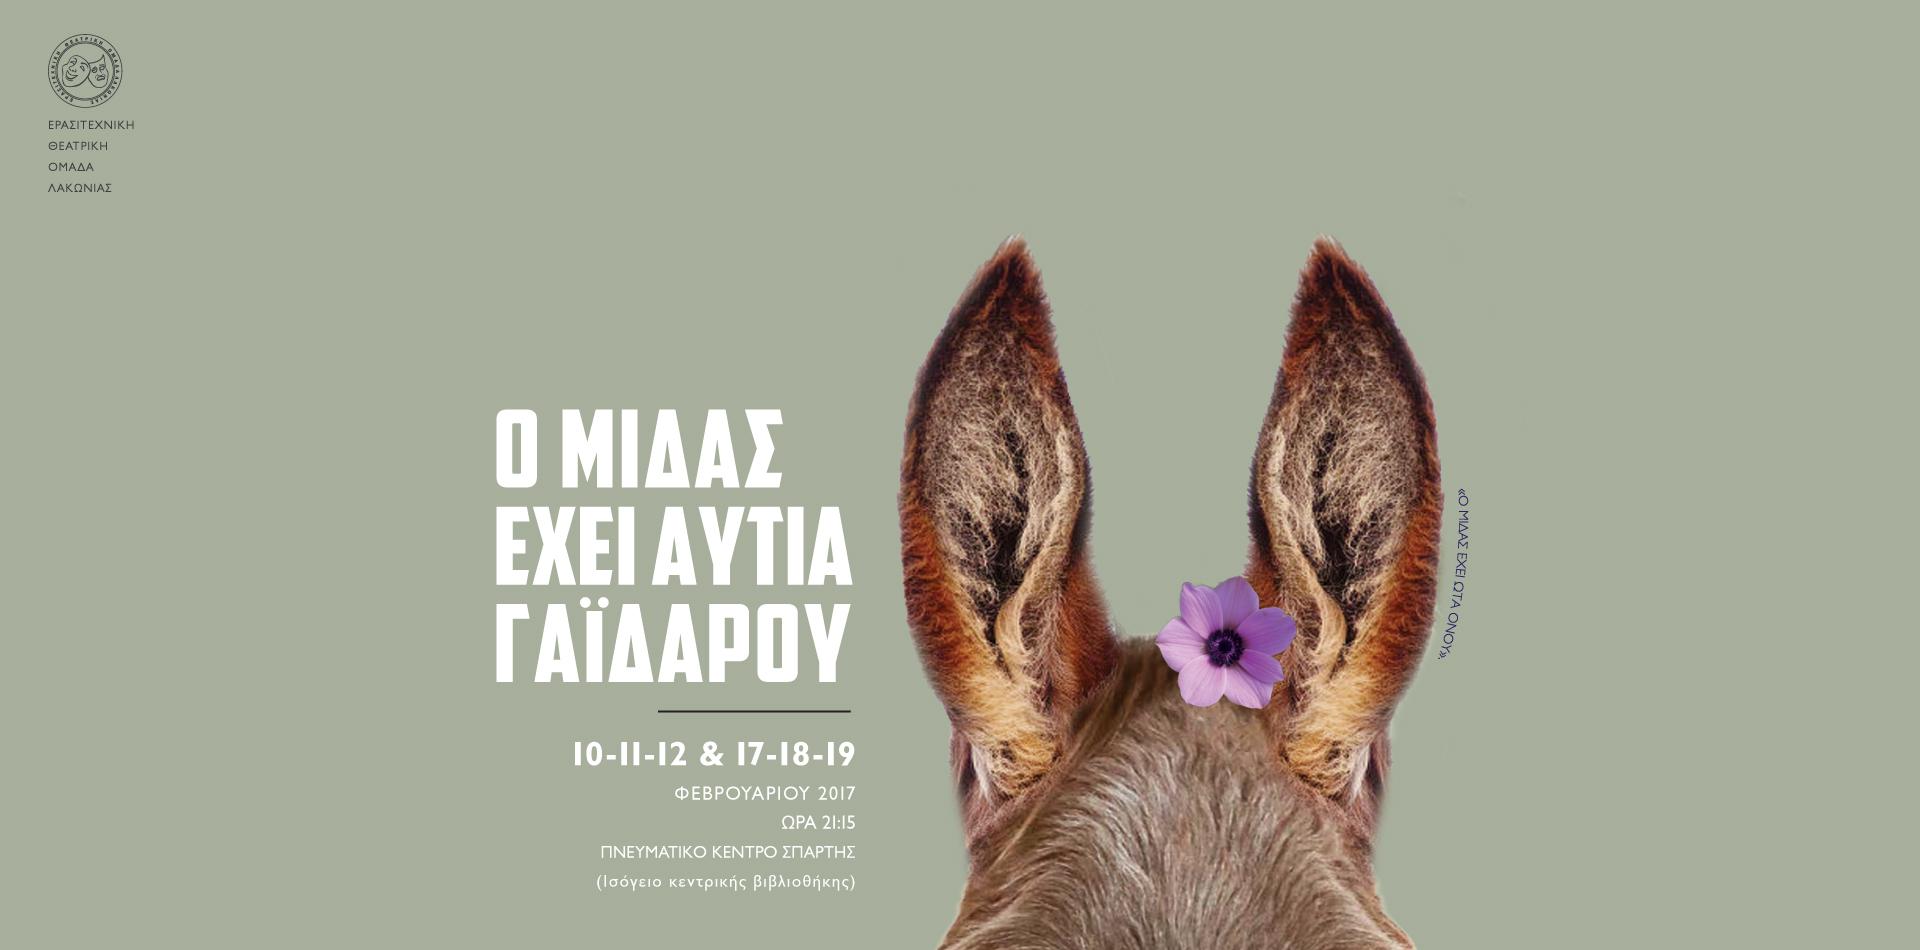 «Ο Μίδας έχει αυτιά γαϊδάρου»